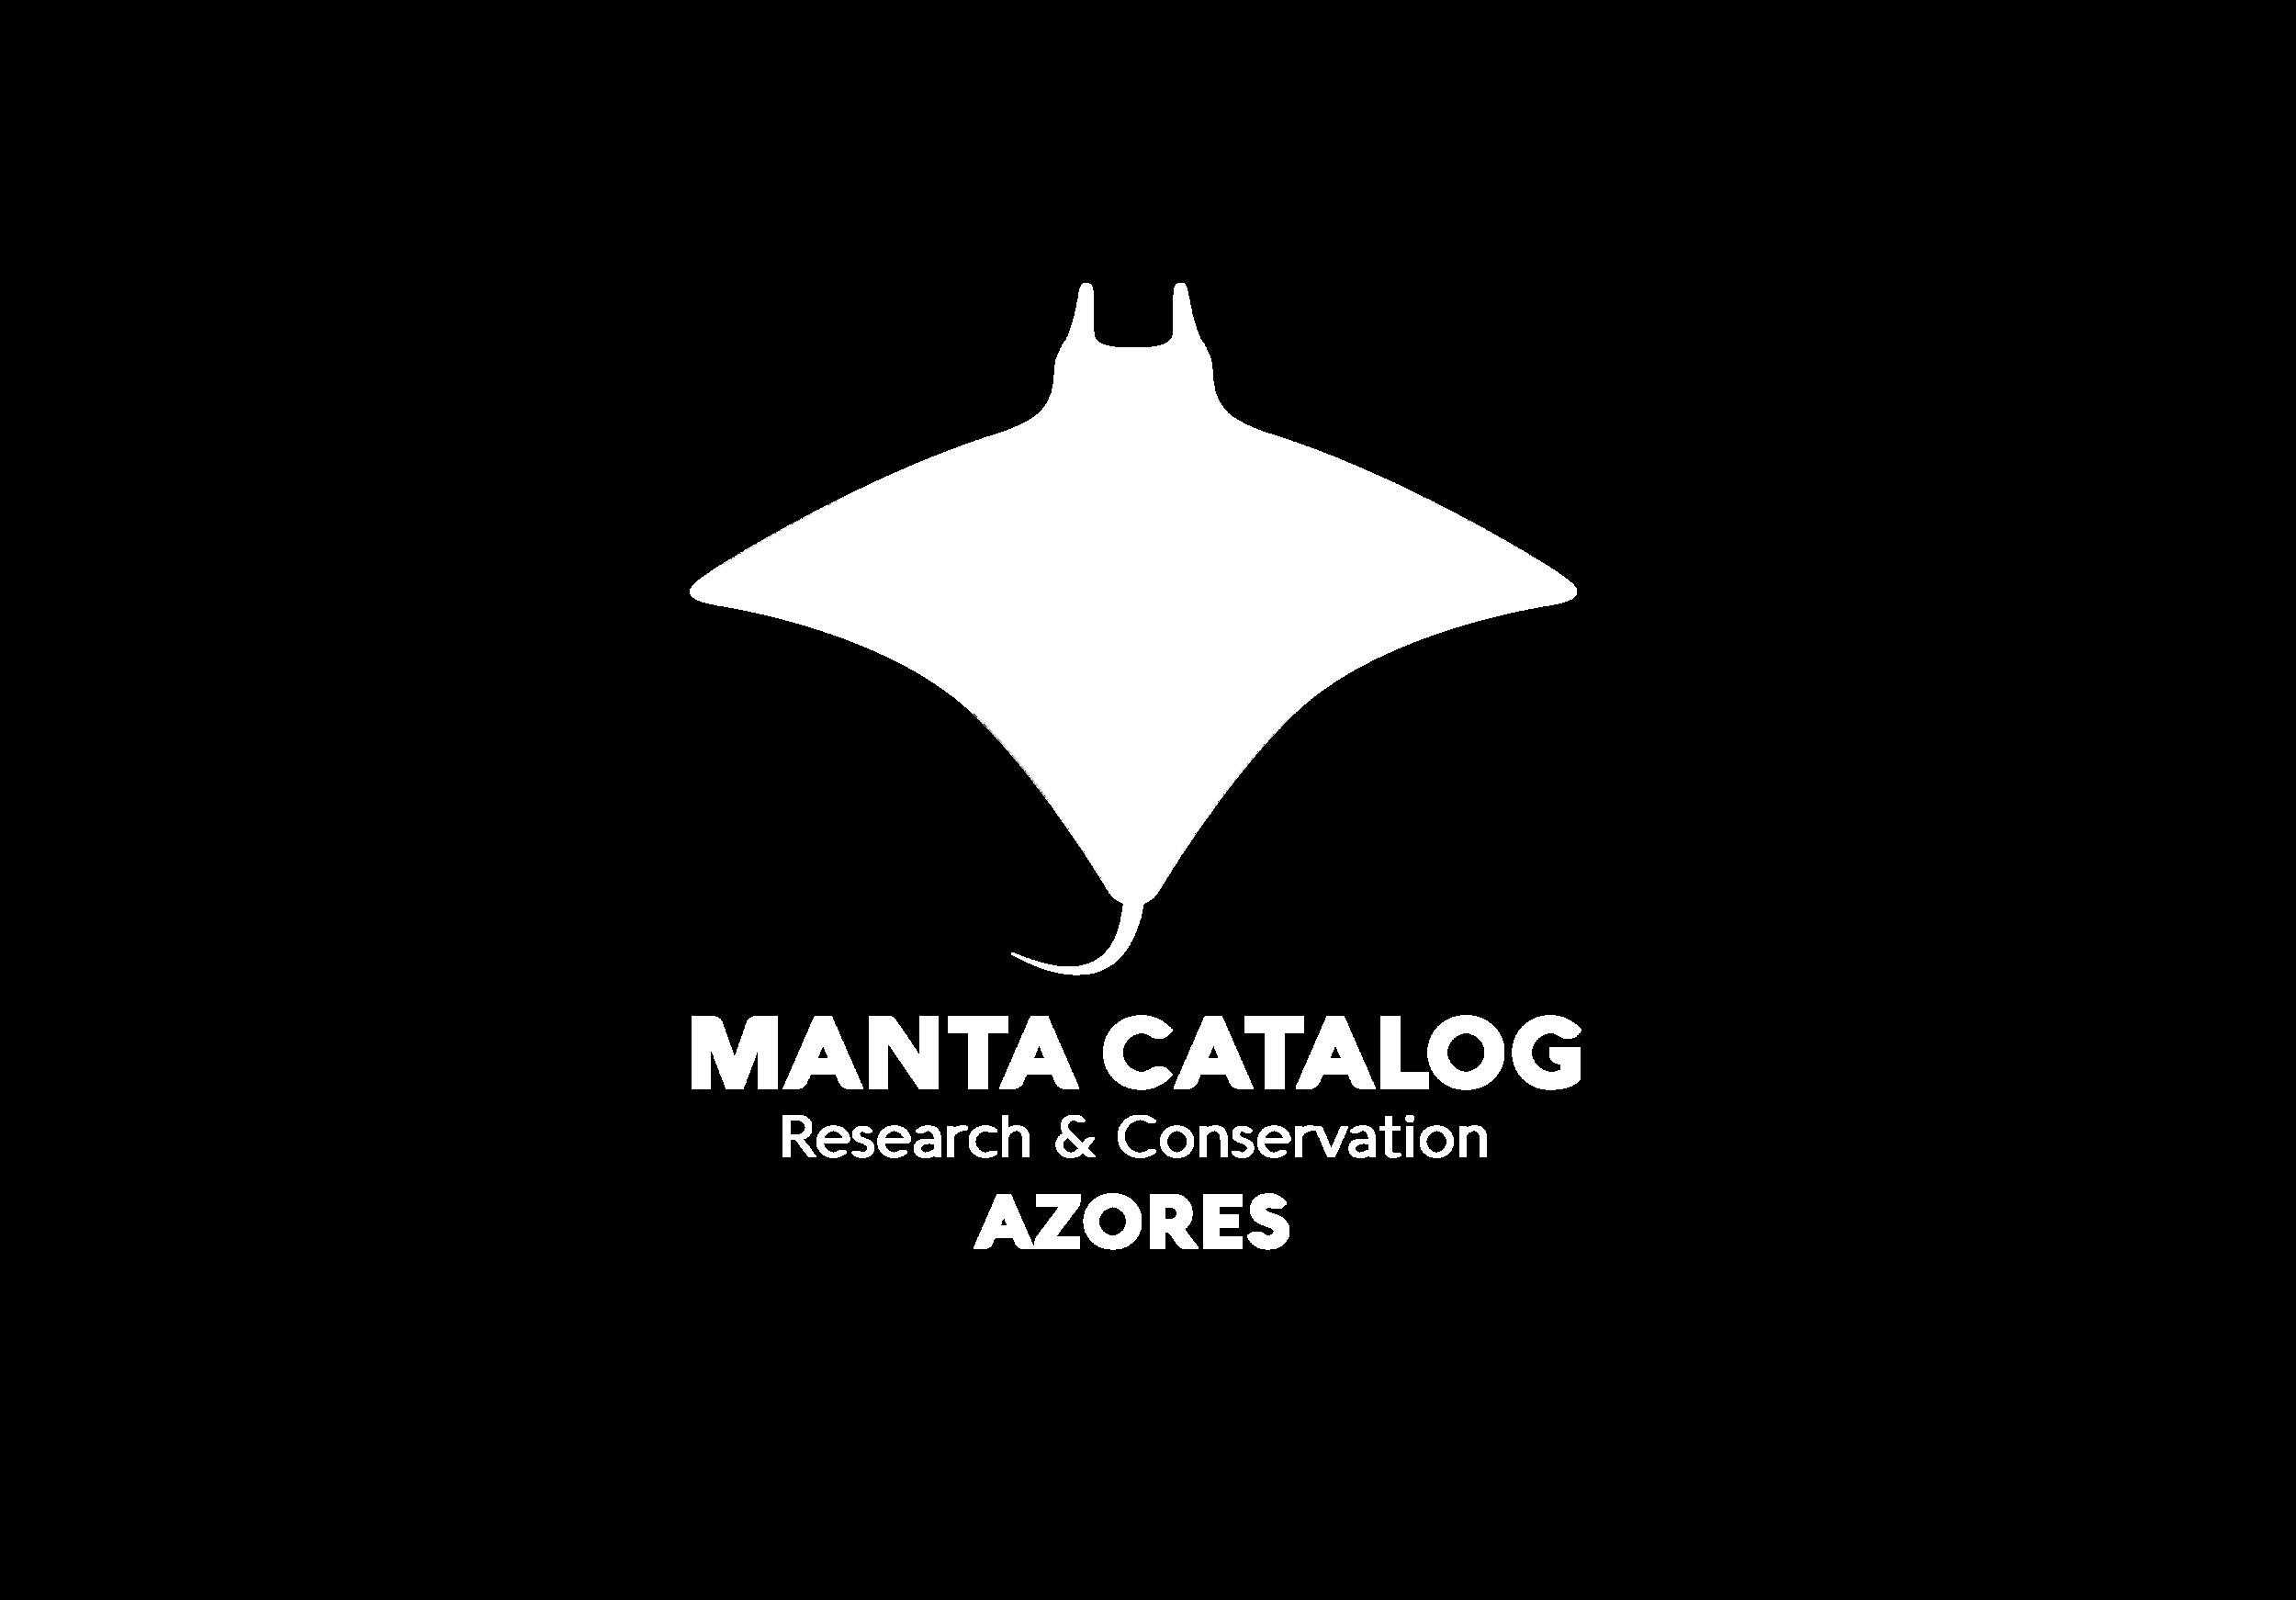 Logo_MC_Final_03.png